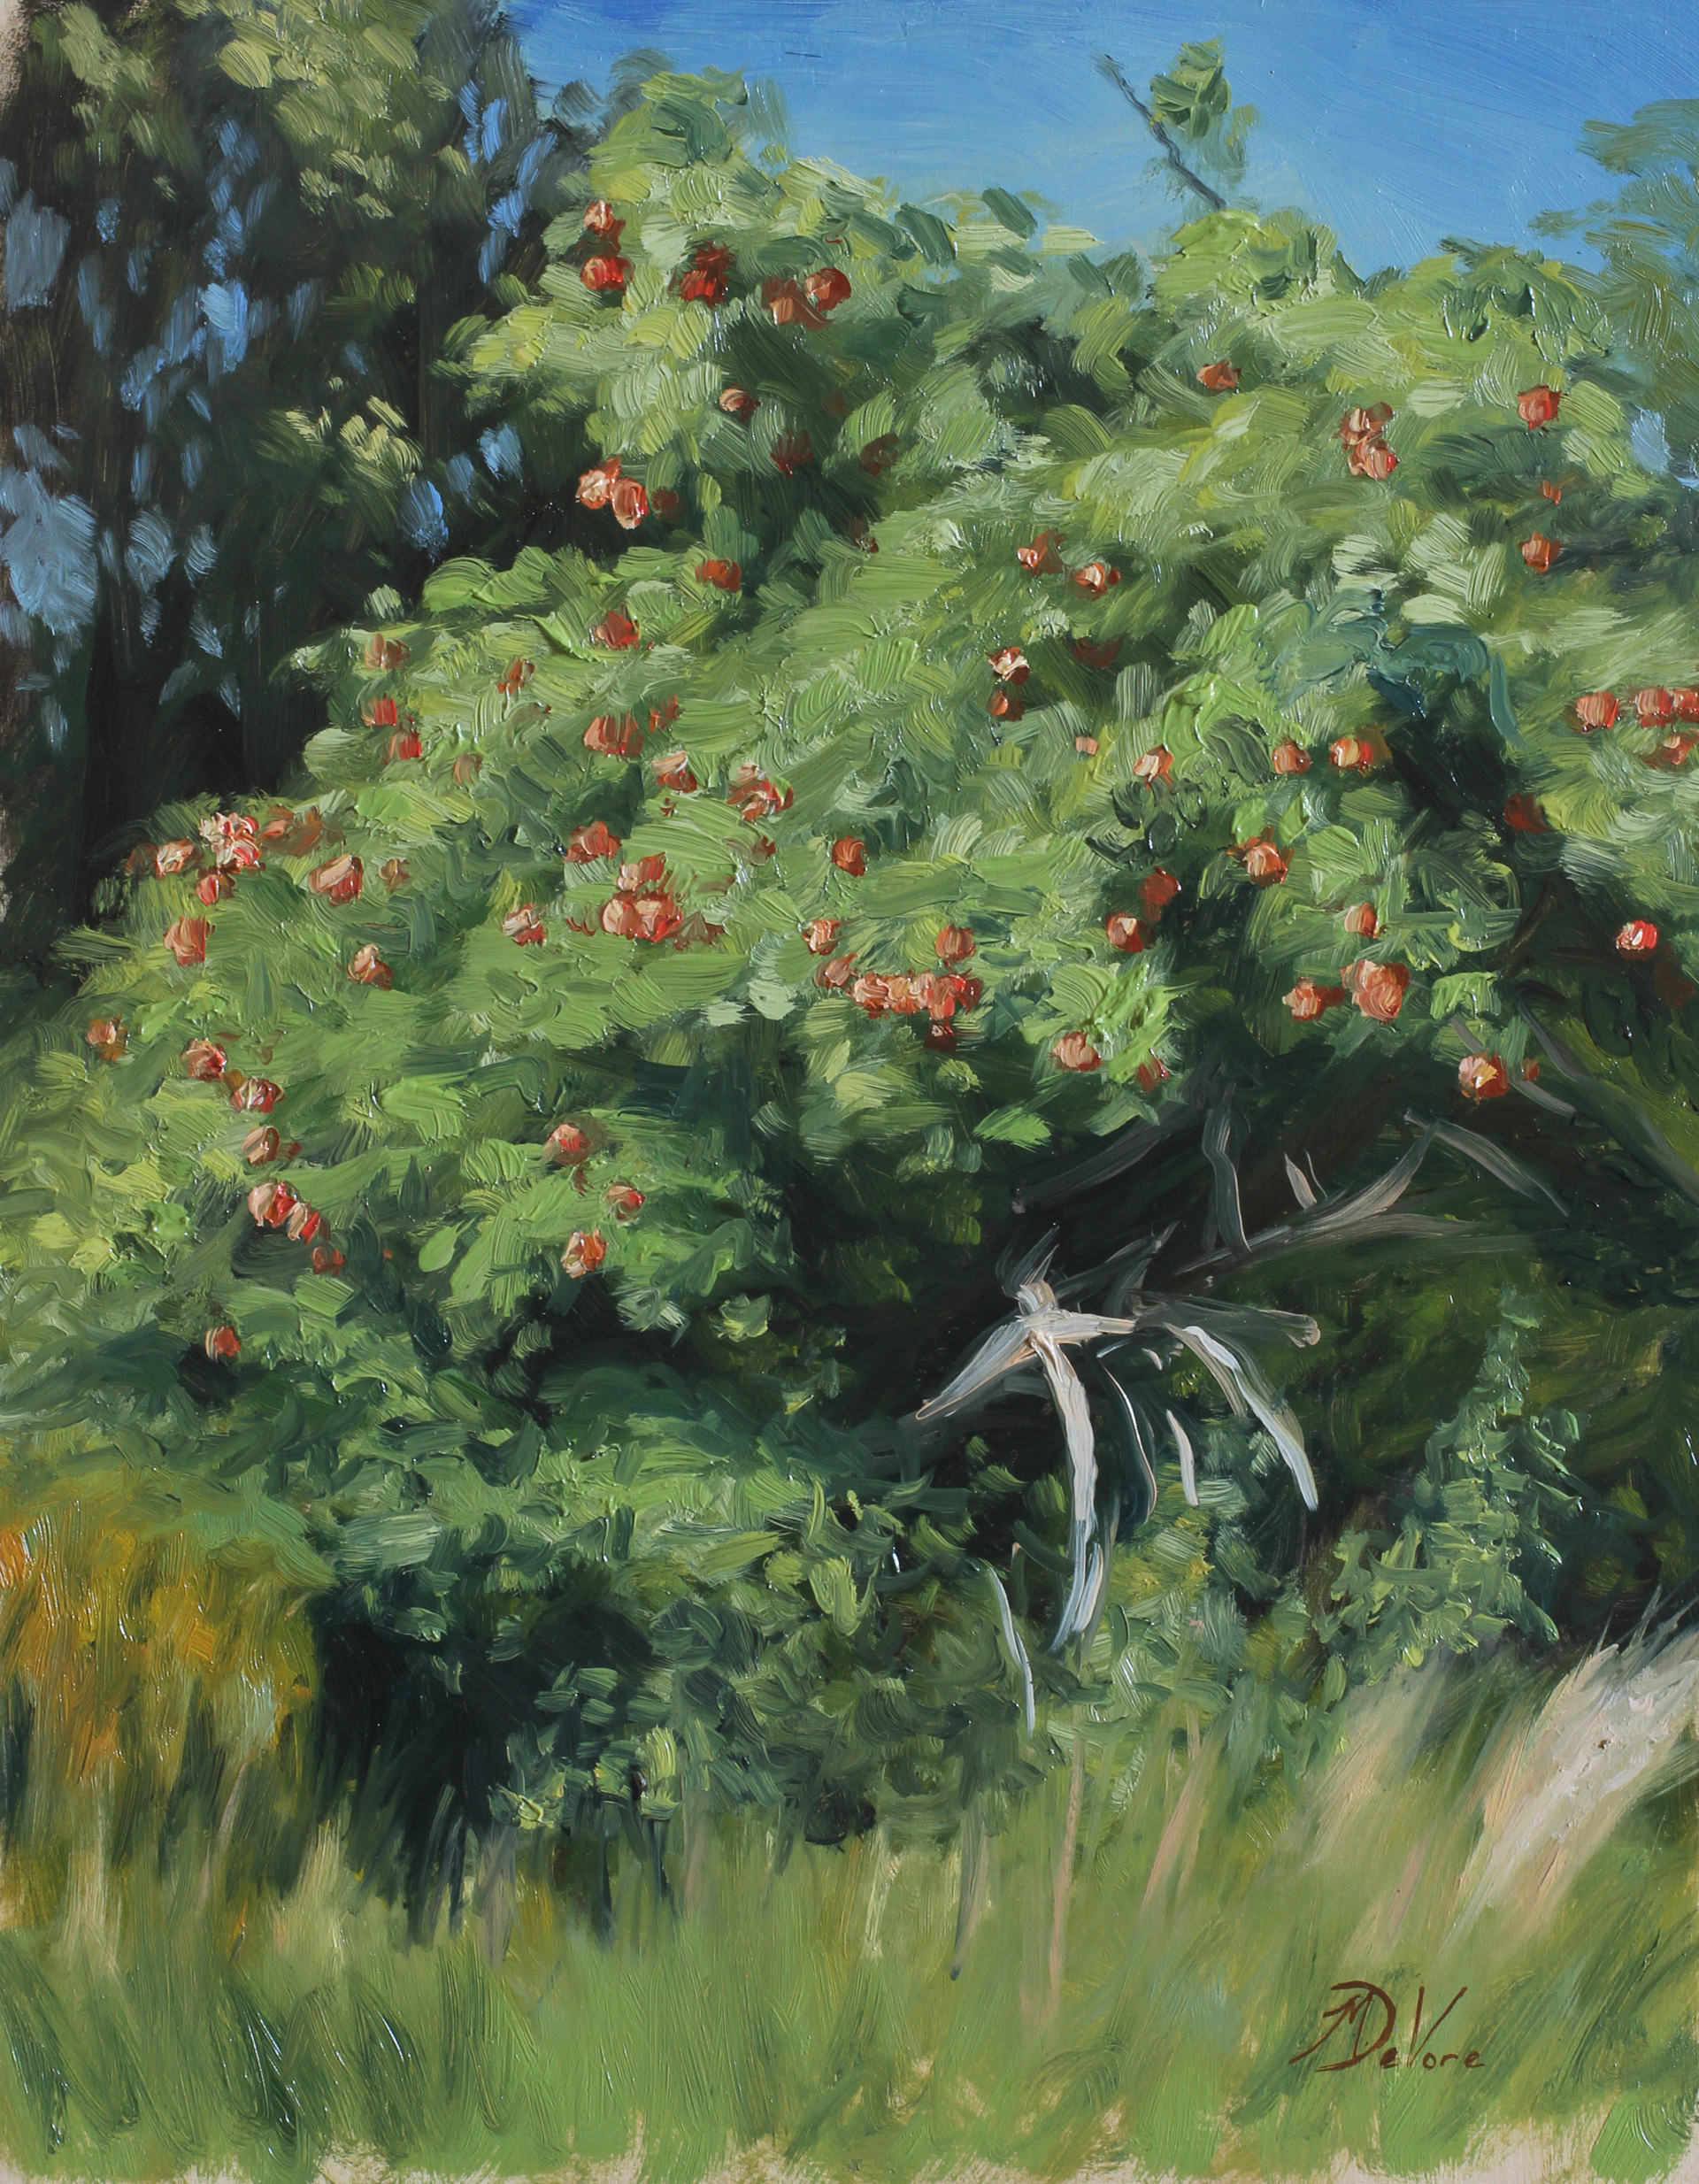 Apple Tree by Michael DeVore